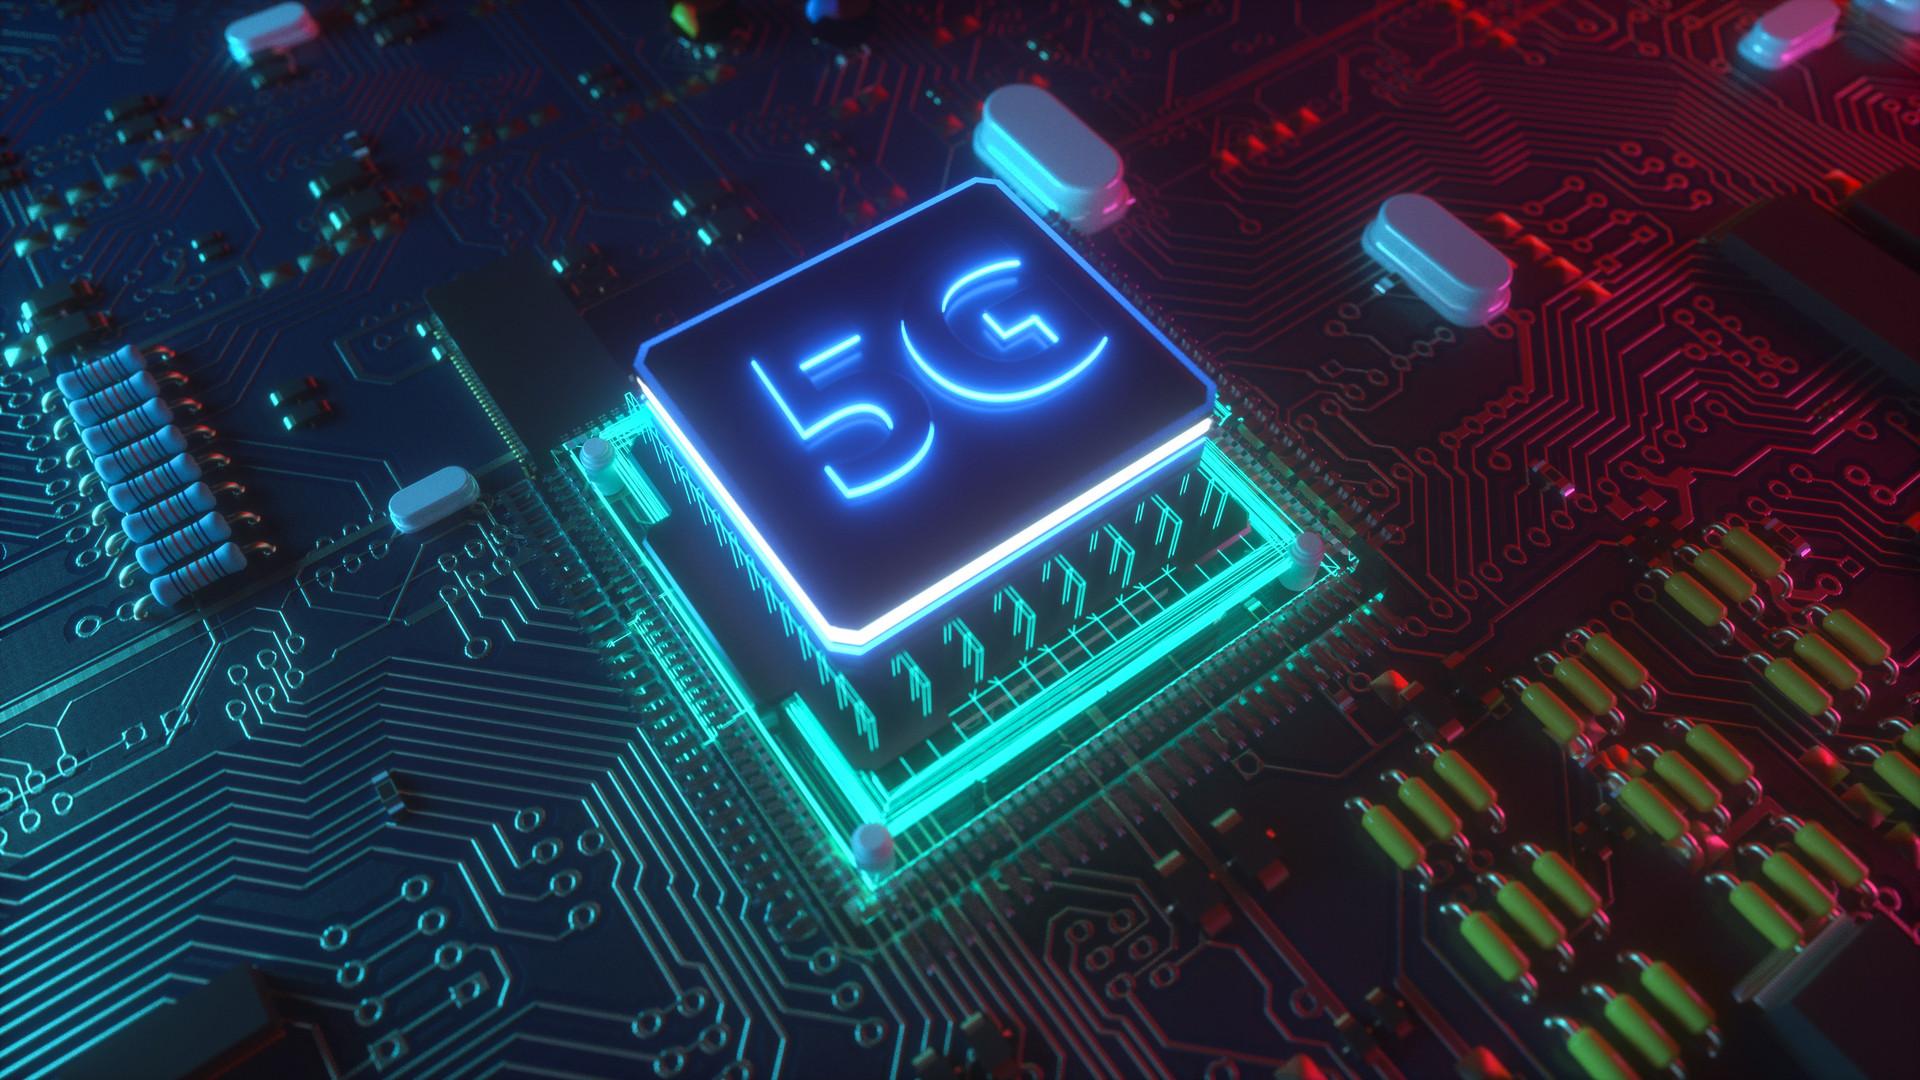 联发科向台积电下单5G芯片:7nm,代号MT6885